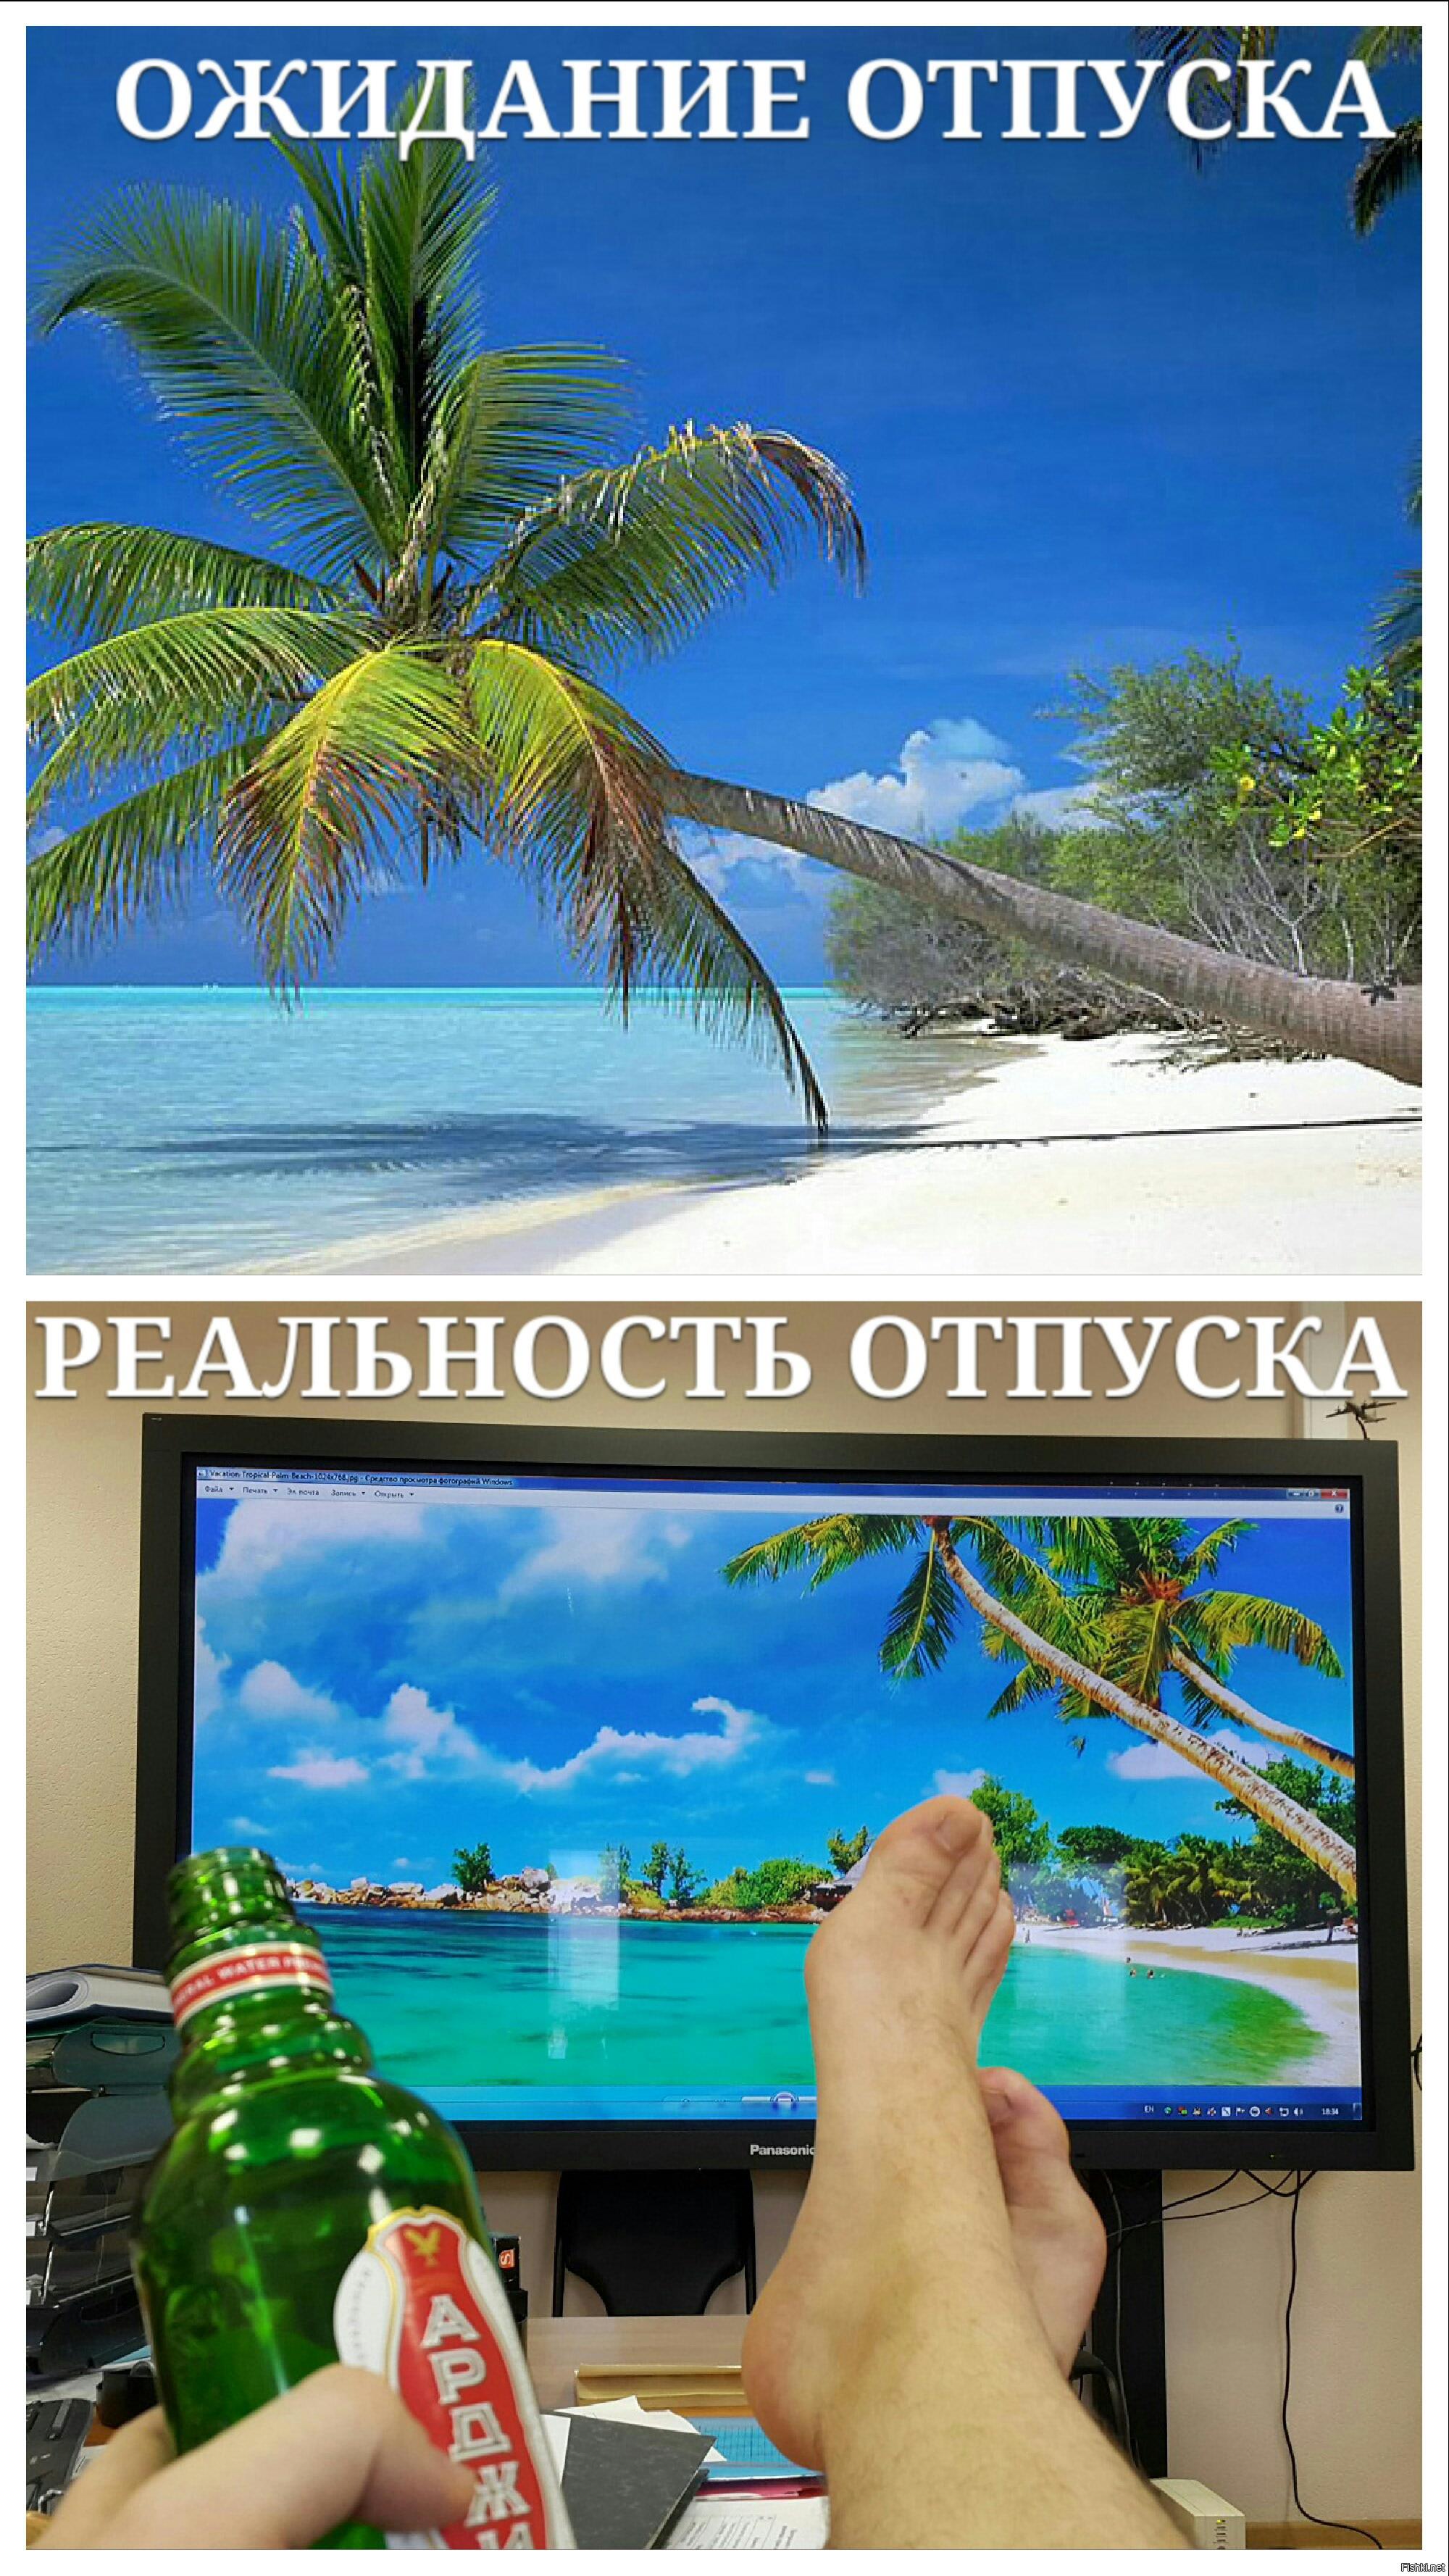 самая отпуск отменяется фото можете купить засов